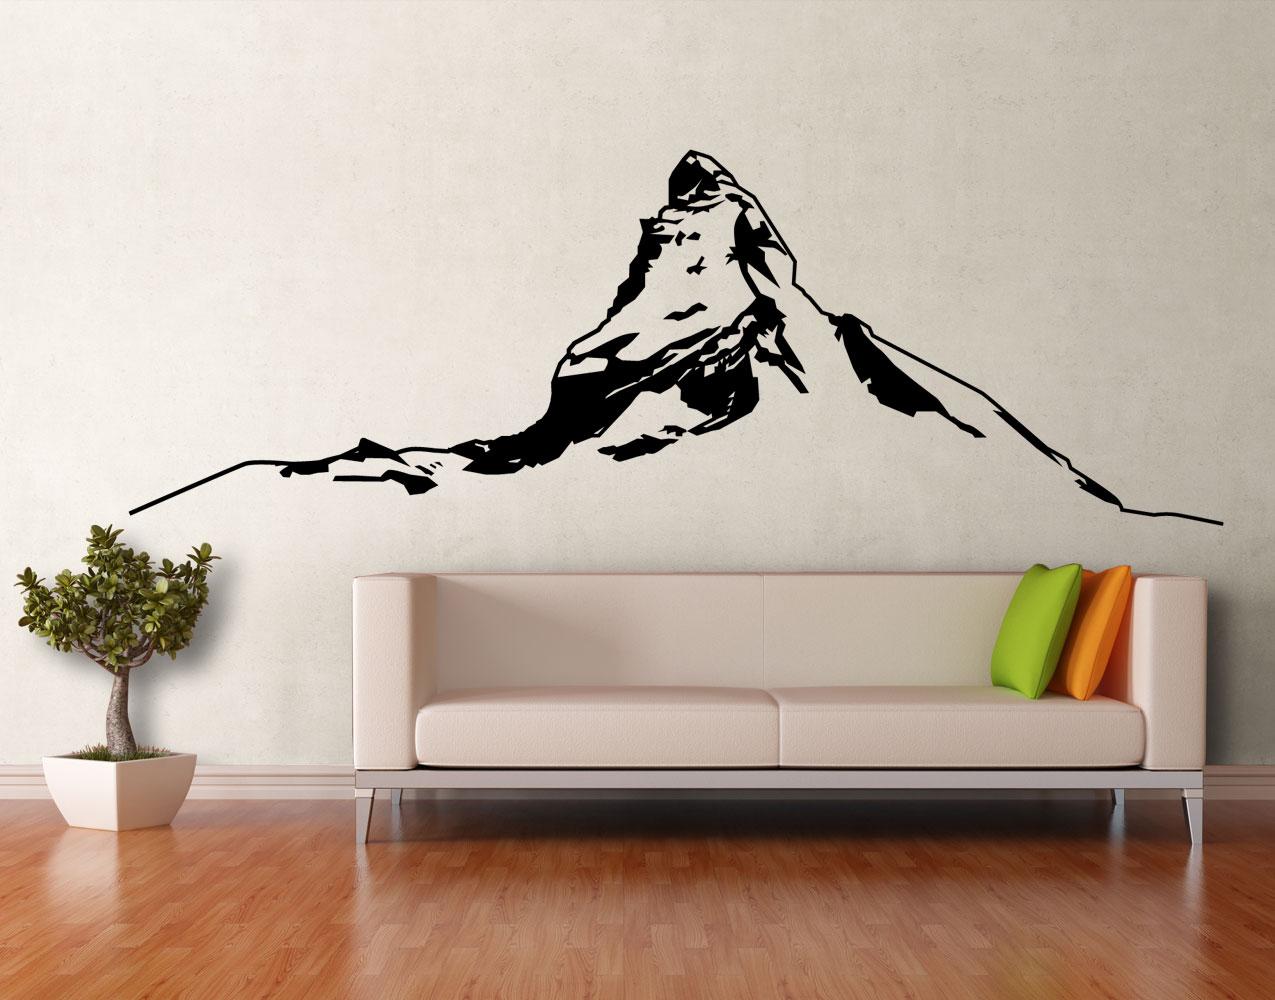 Wandtattoo Matterhorn